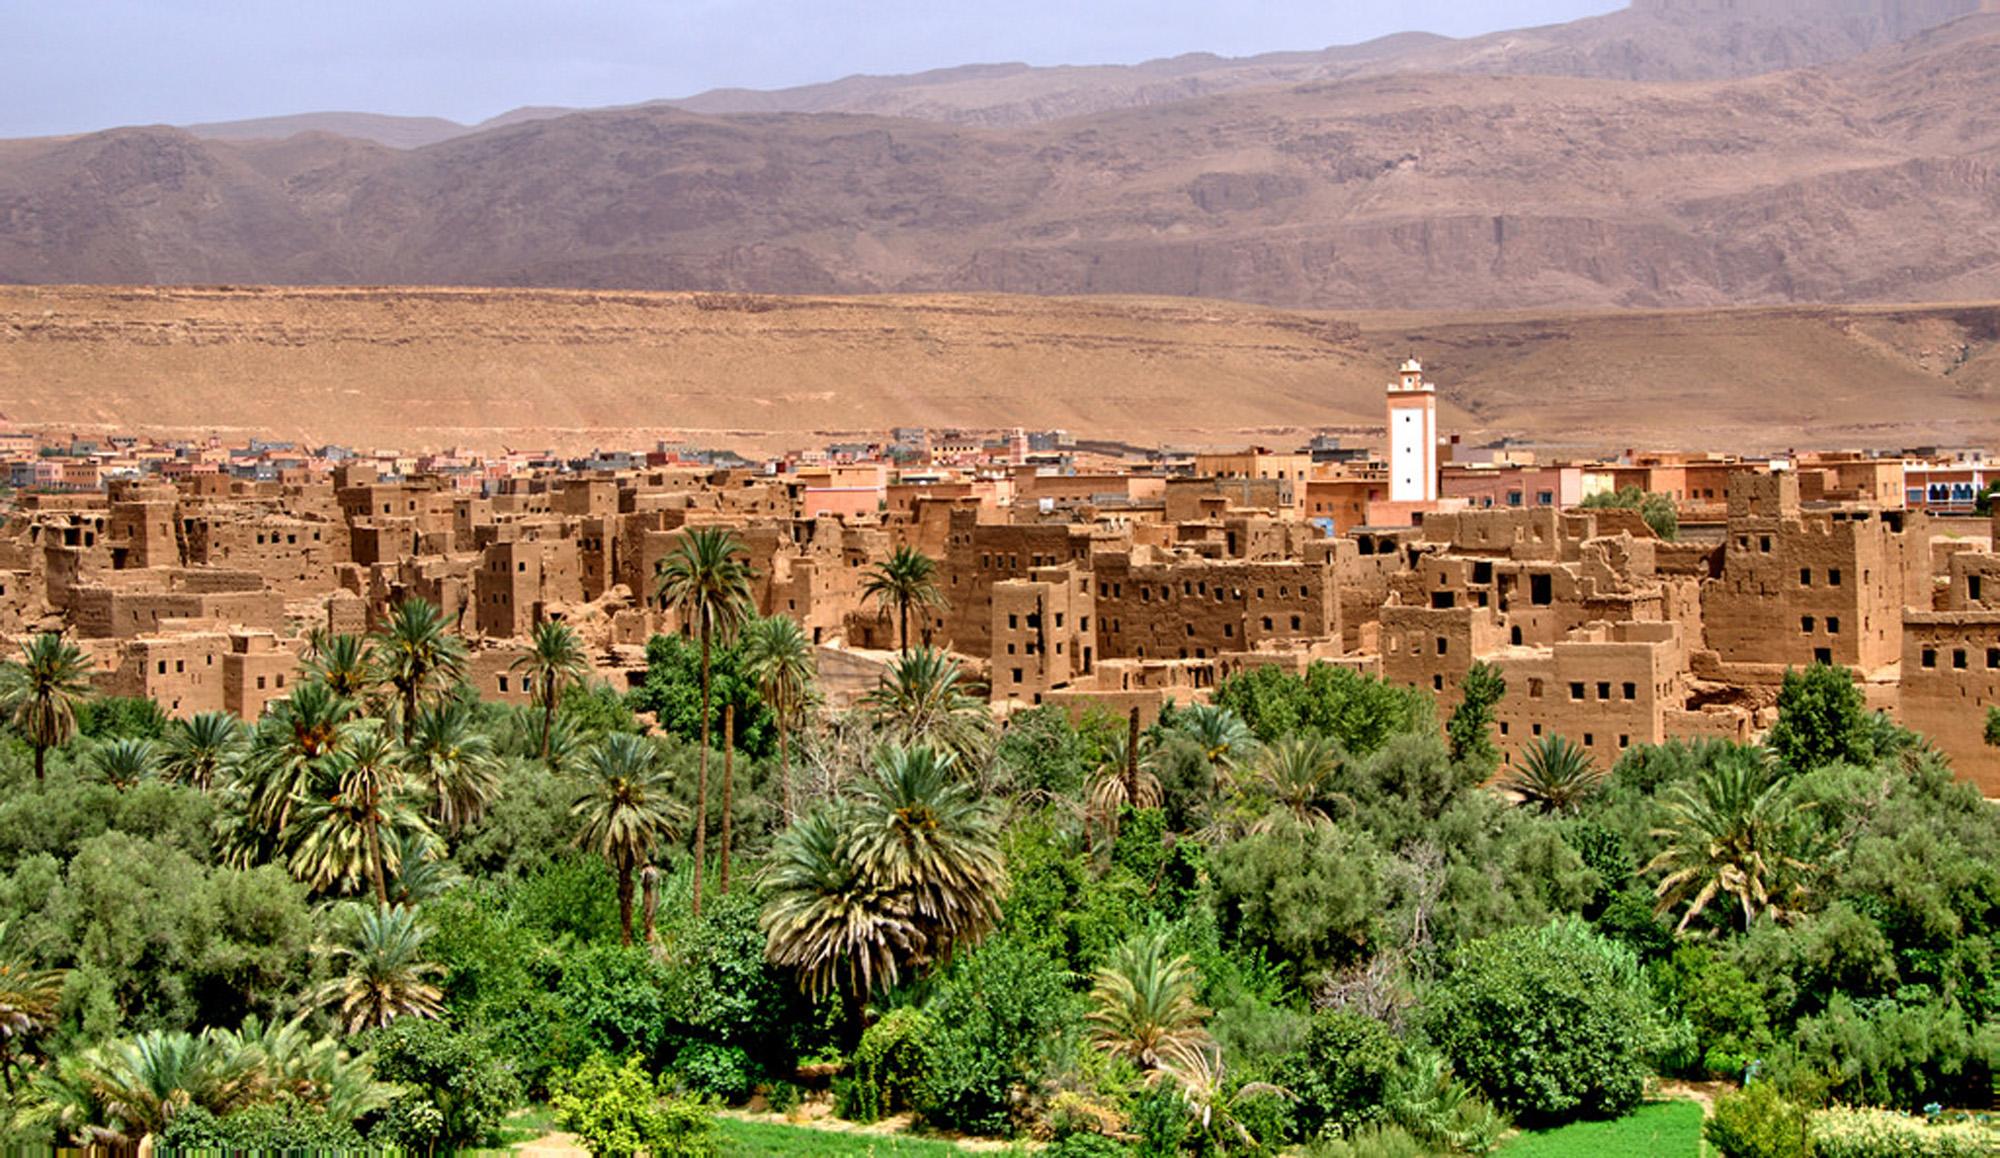 Oasis de Tinghir-Marruecos